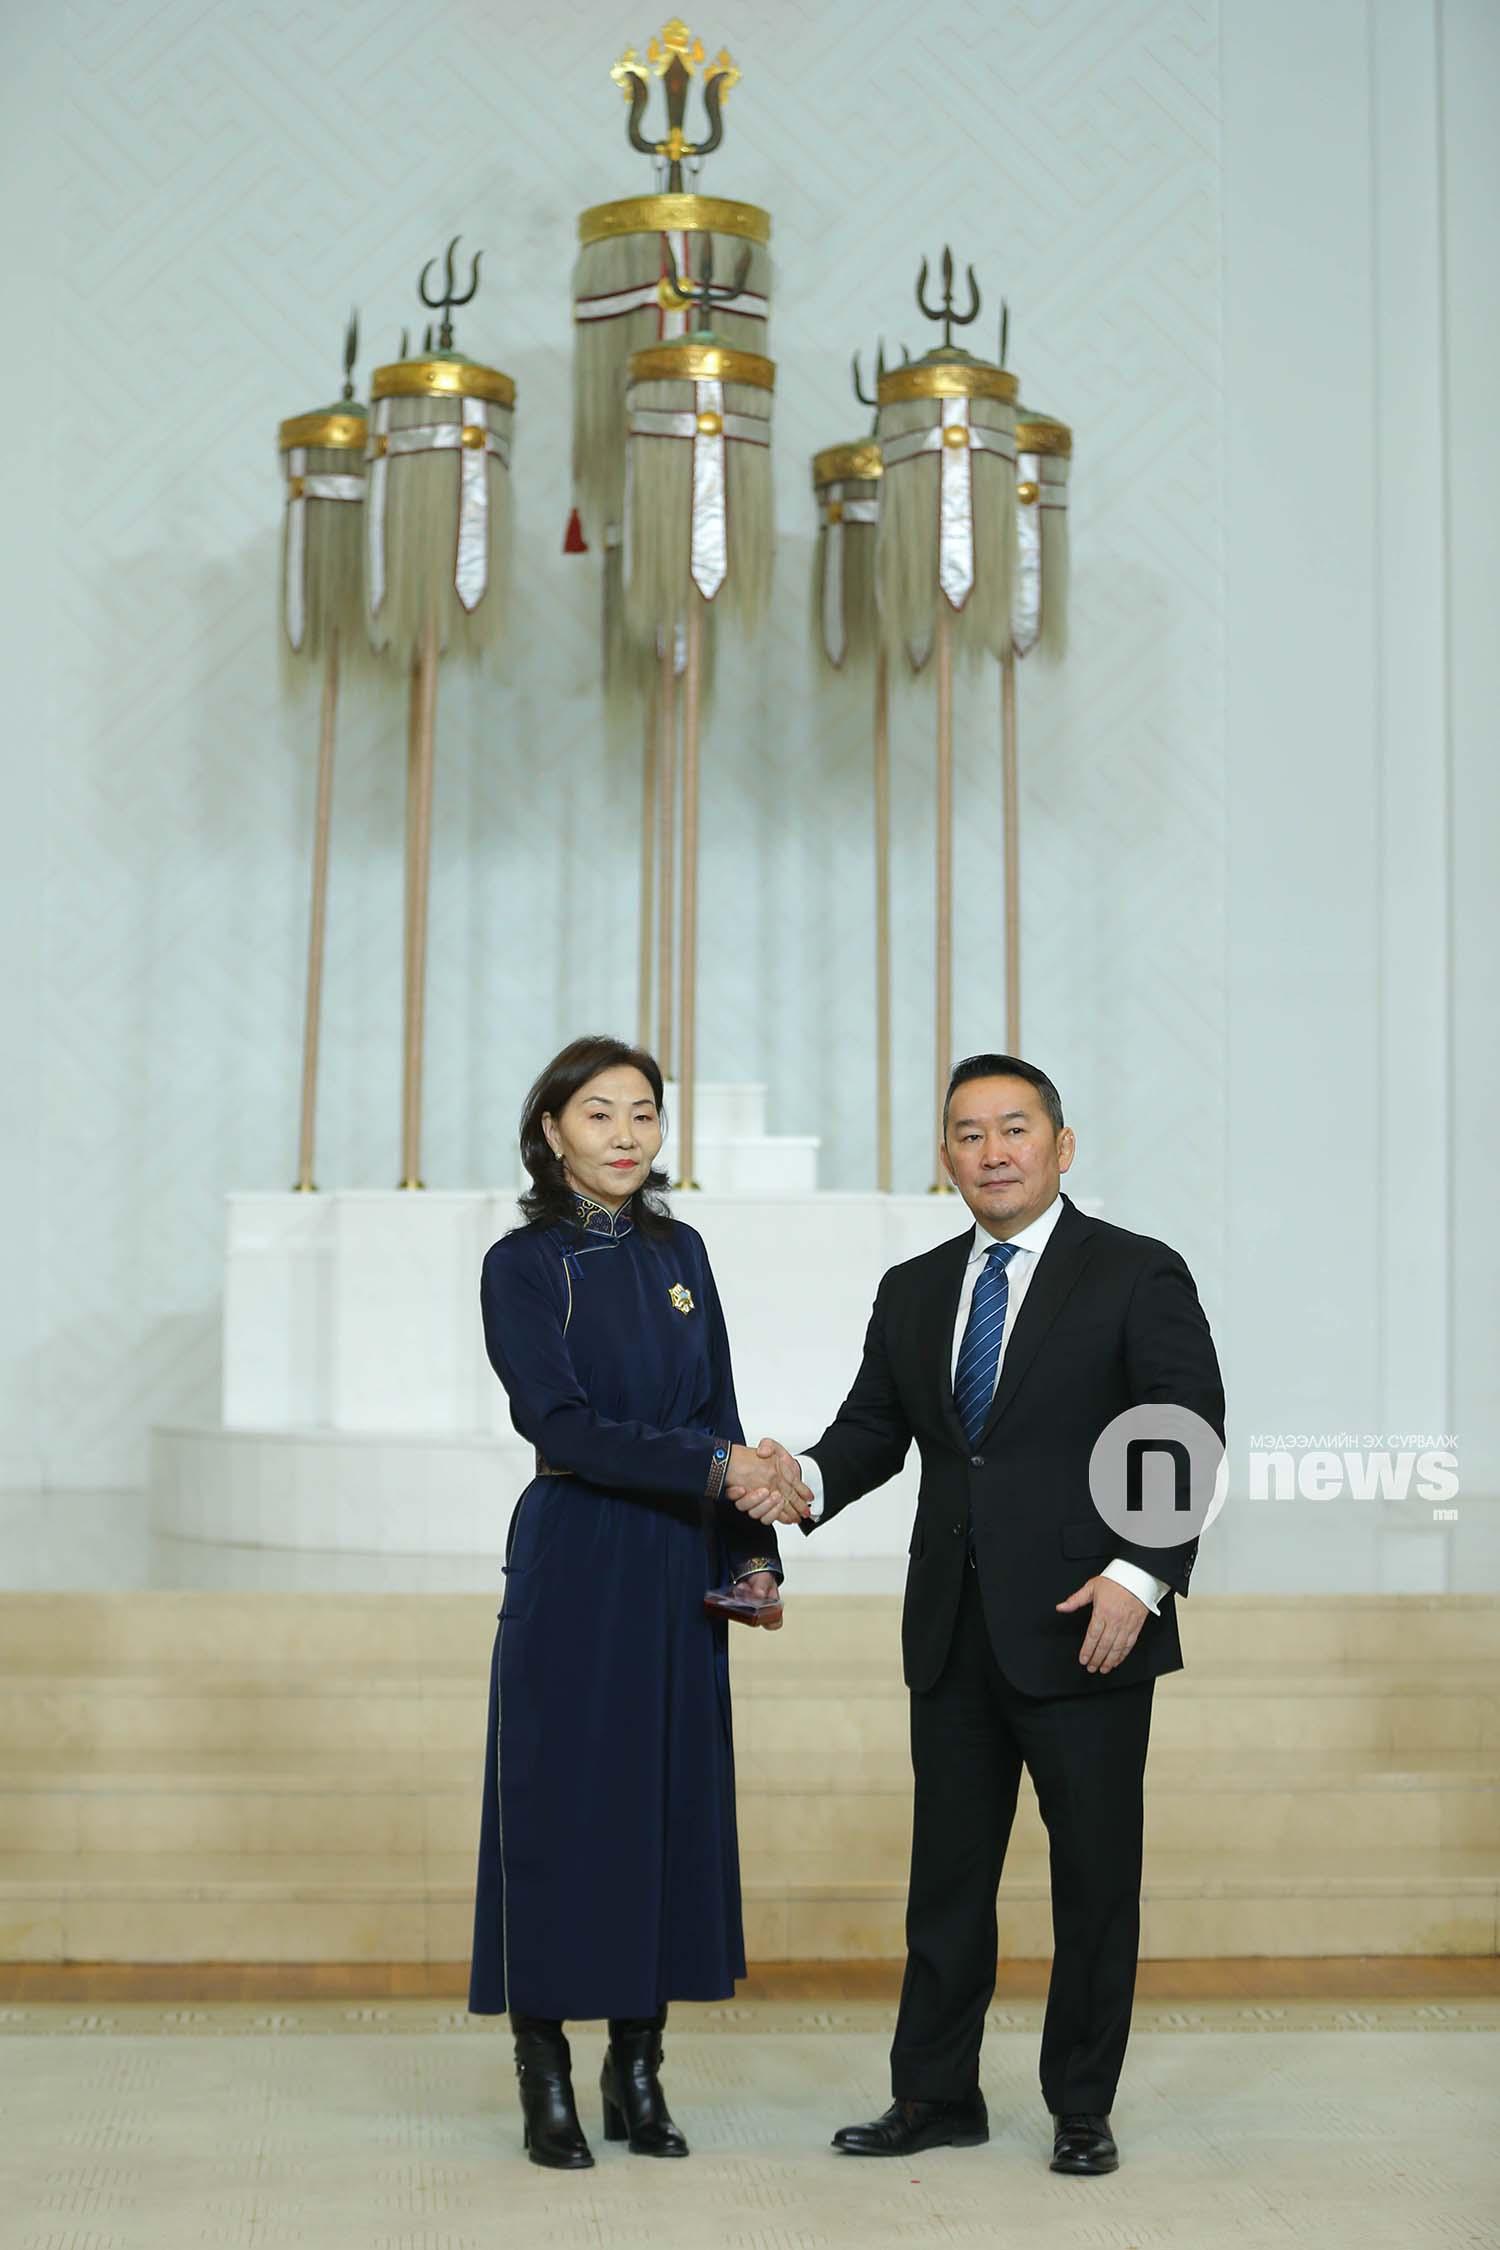 Монгол Улсын Ерөнхийлөгчийн зарлигаар Төрийн дээд одон, медаль гардуулах ёслол (32)